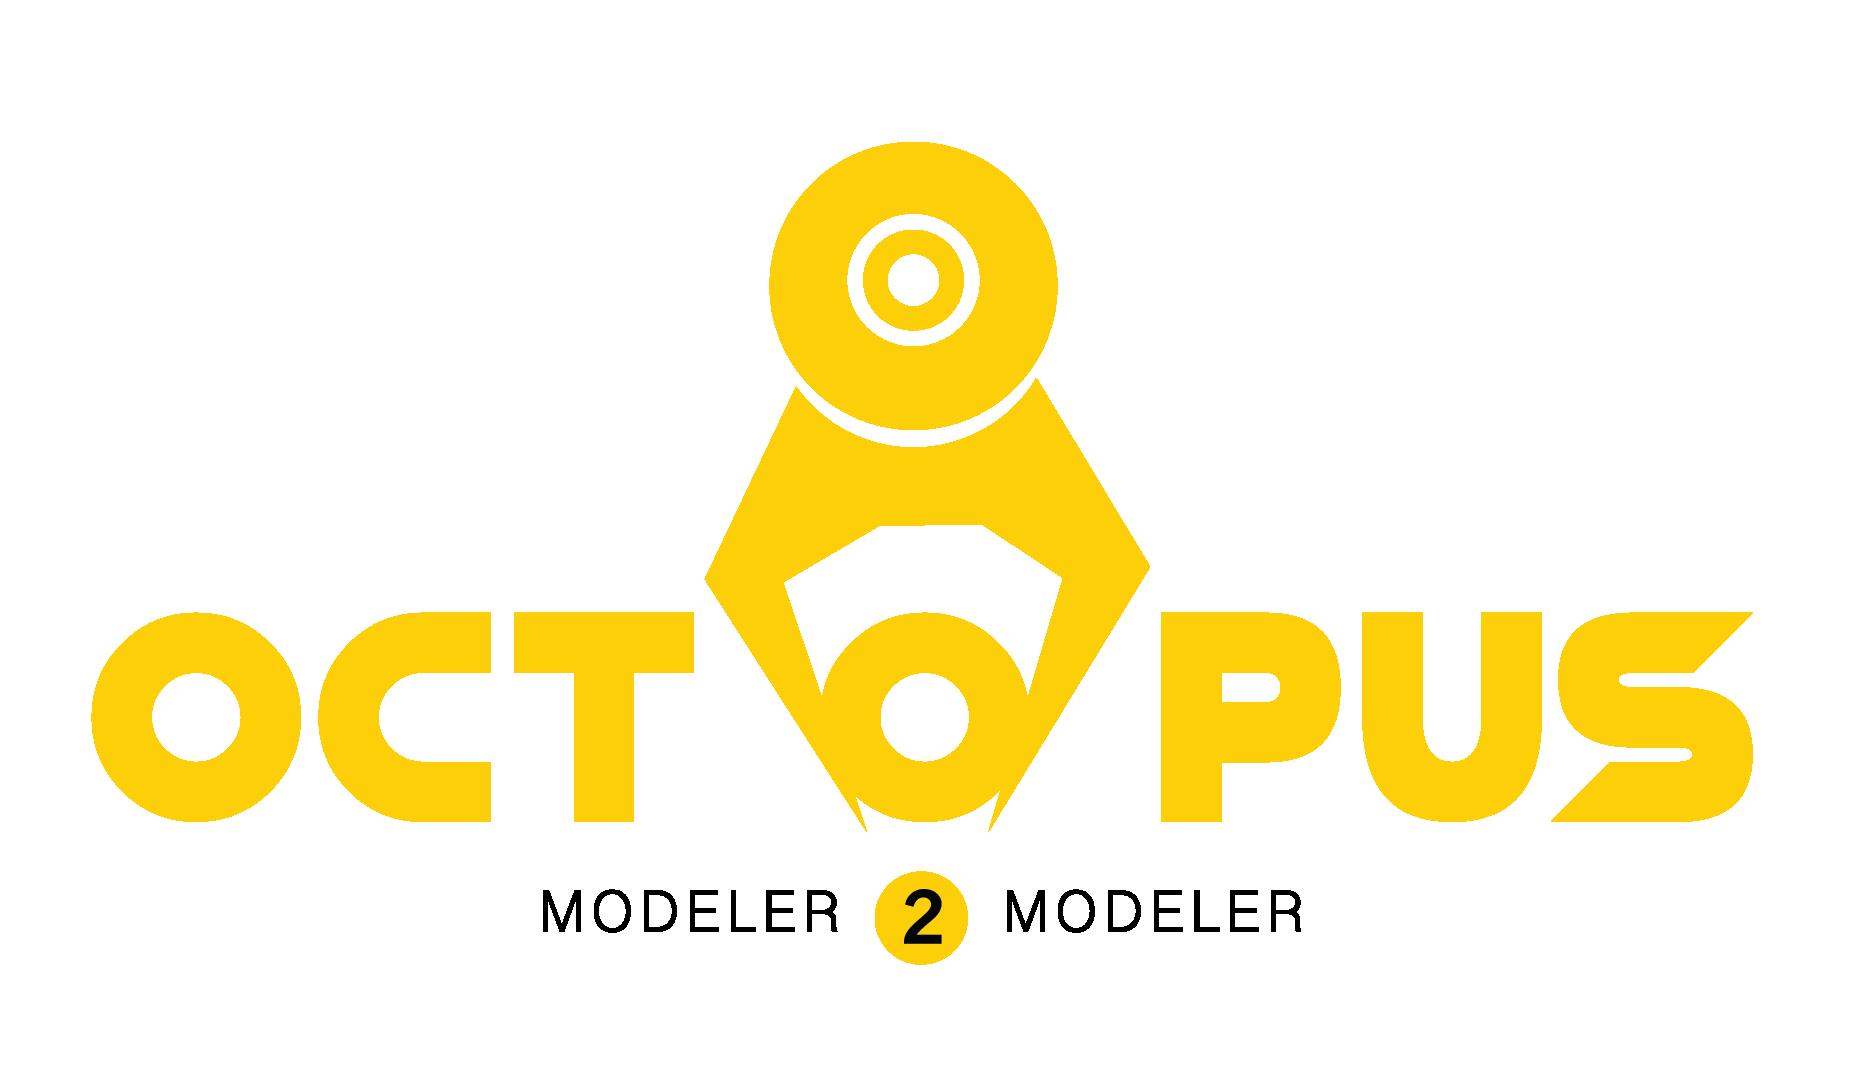 Octopus Scale Model Jig Logo